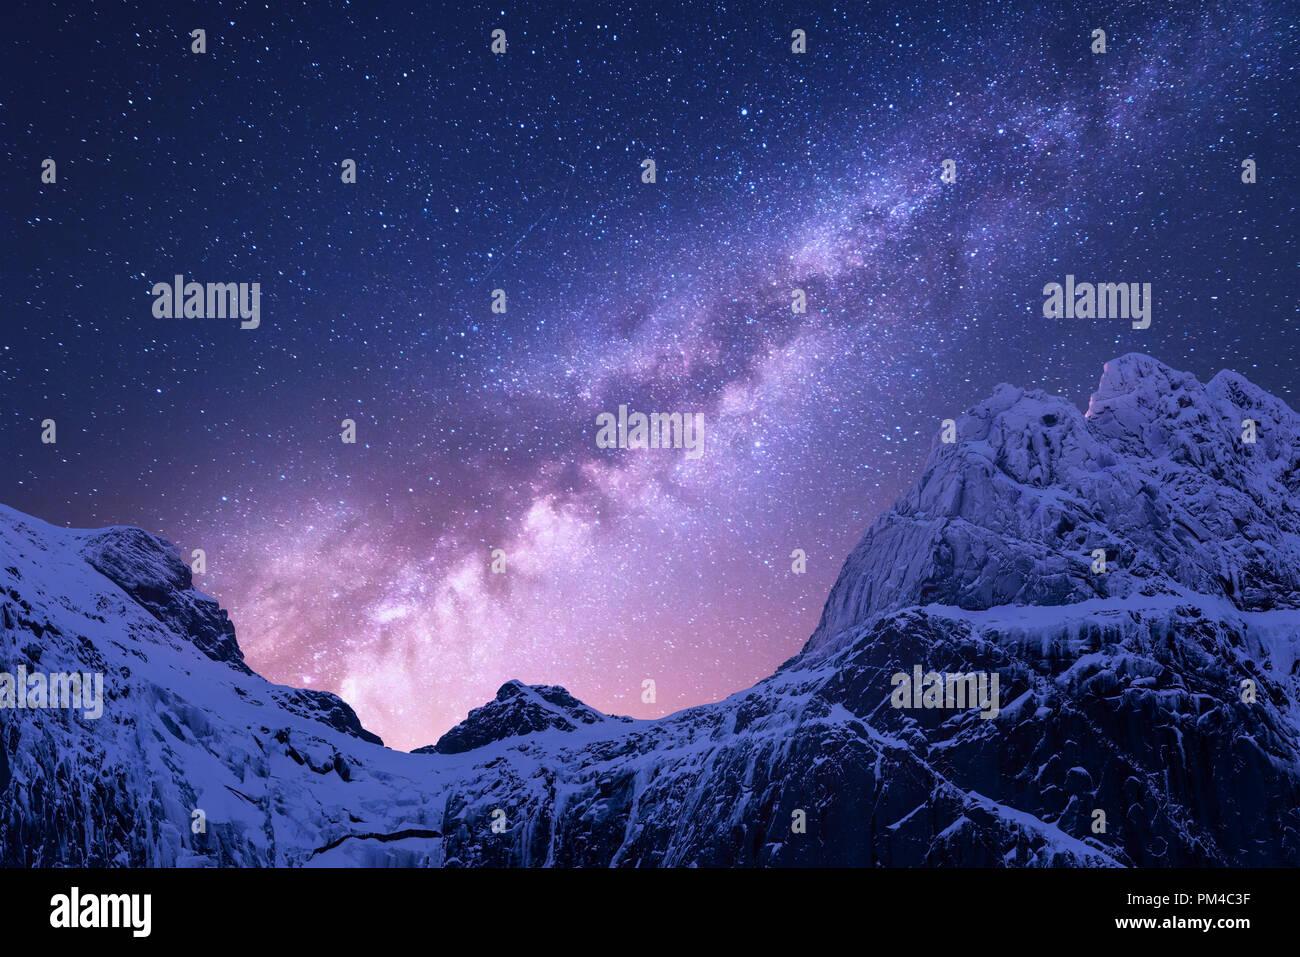 https www alamyimages fr voie lactee au dessus des montagnes enneigees l espace vue fantastique avec des roches couvertes de neige et ciel etoile de nuit au nepal la crete de la montagne et le ciel avec des etoiles dans image218914851 html